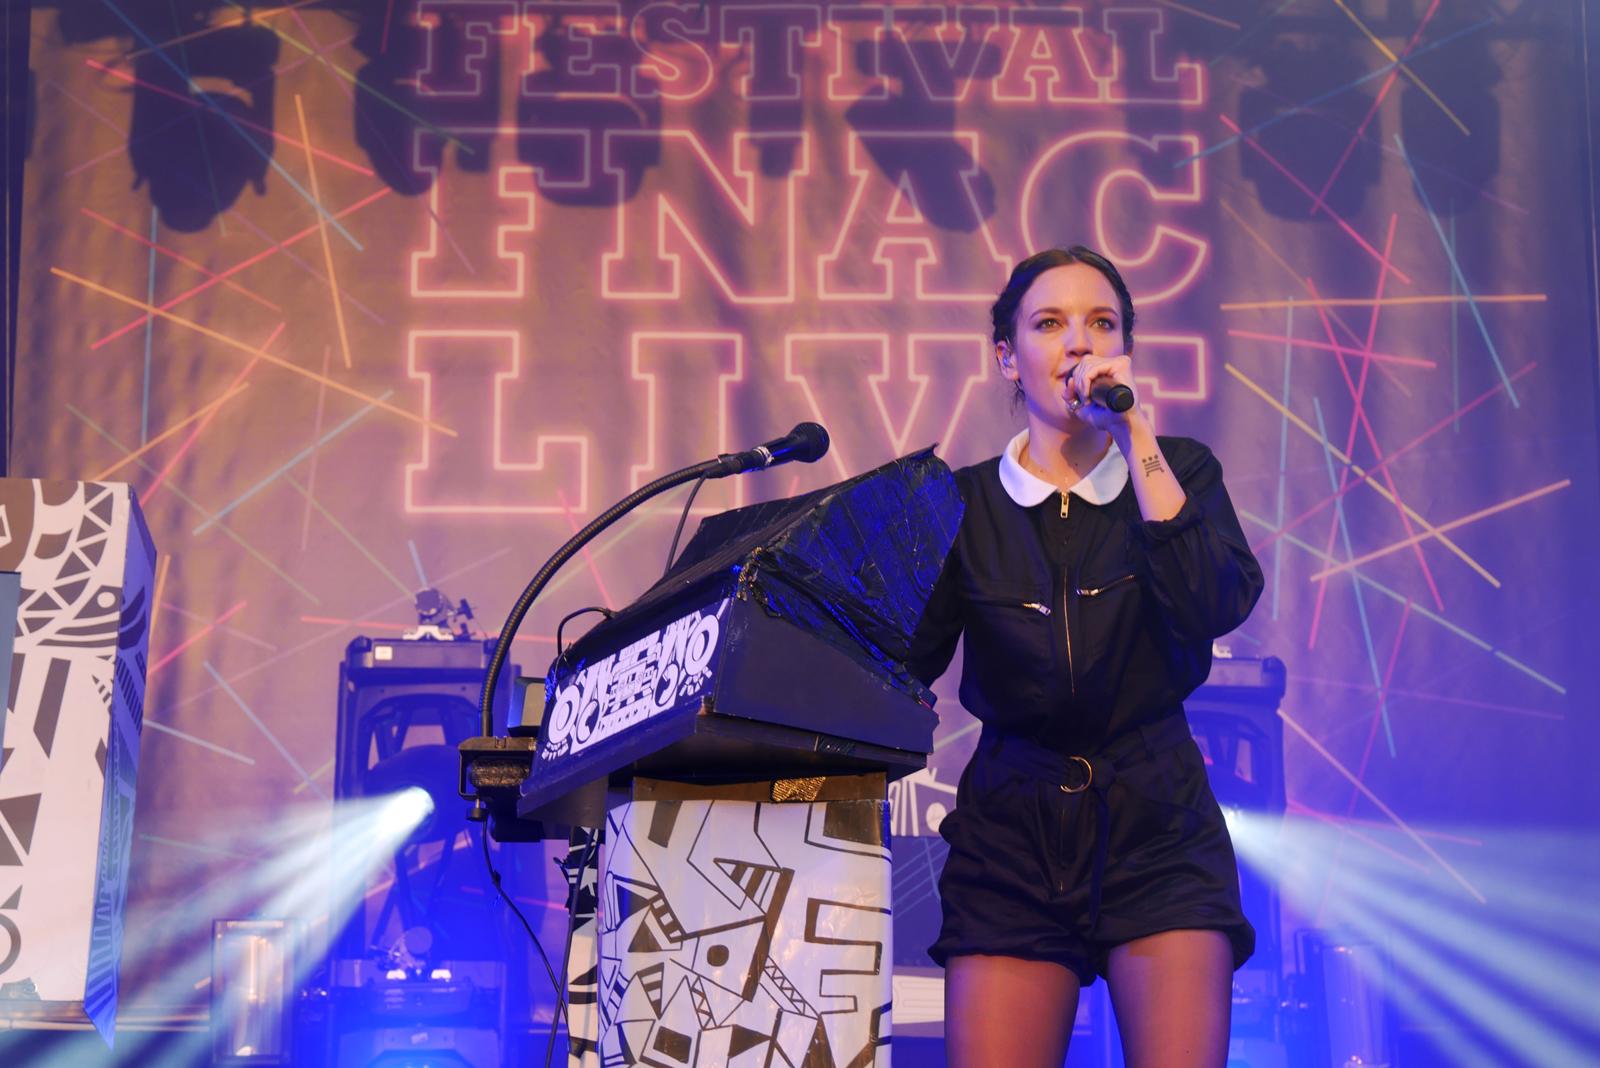 Jain Fnac live 2016 festival été musique électro report photo scène by blog united states of paris